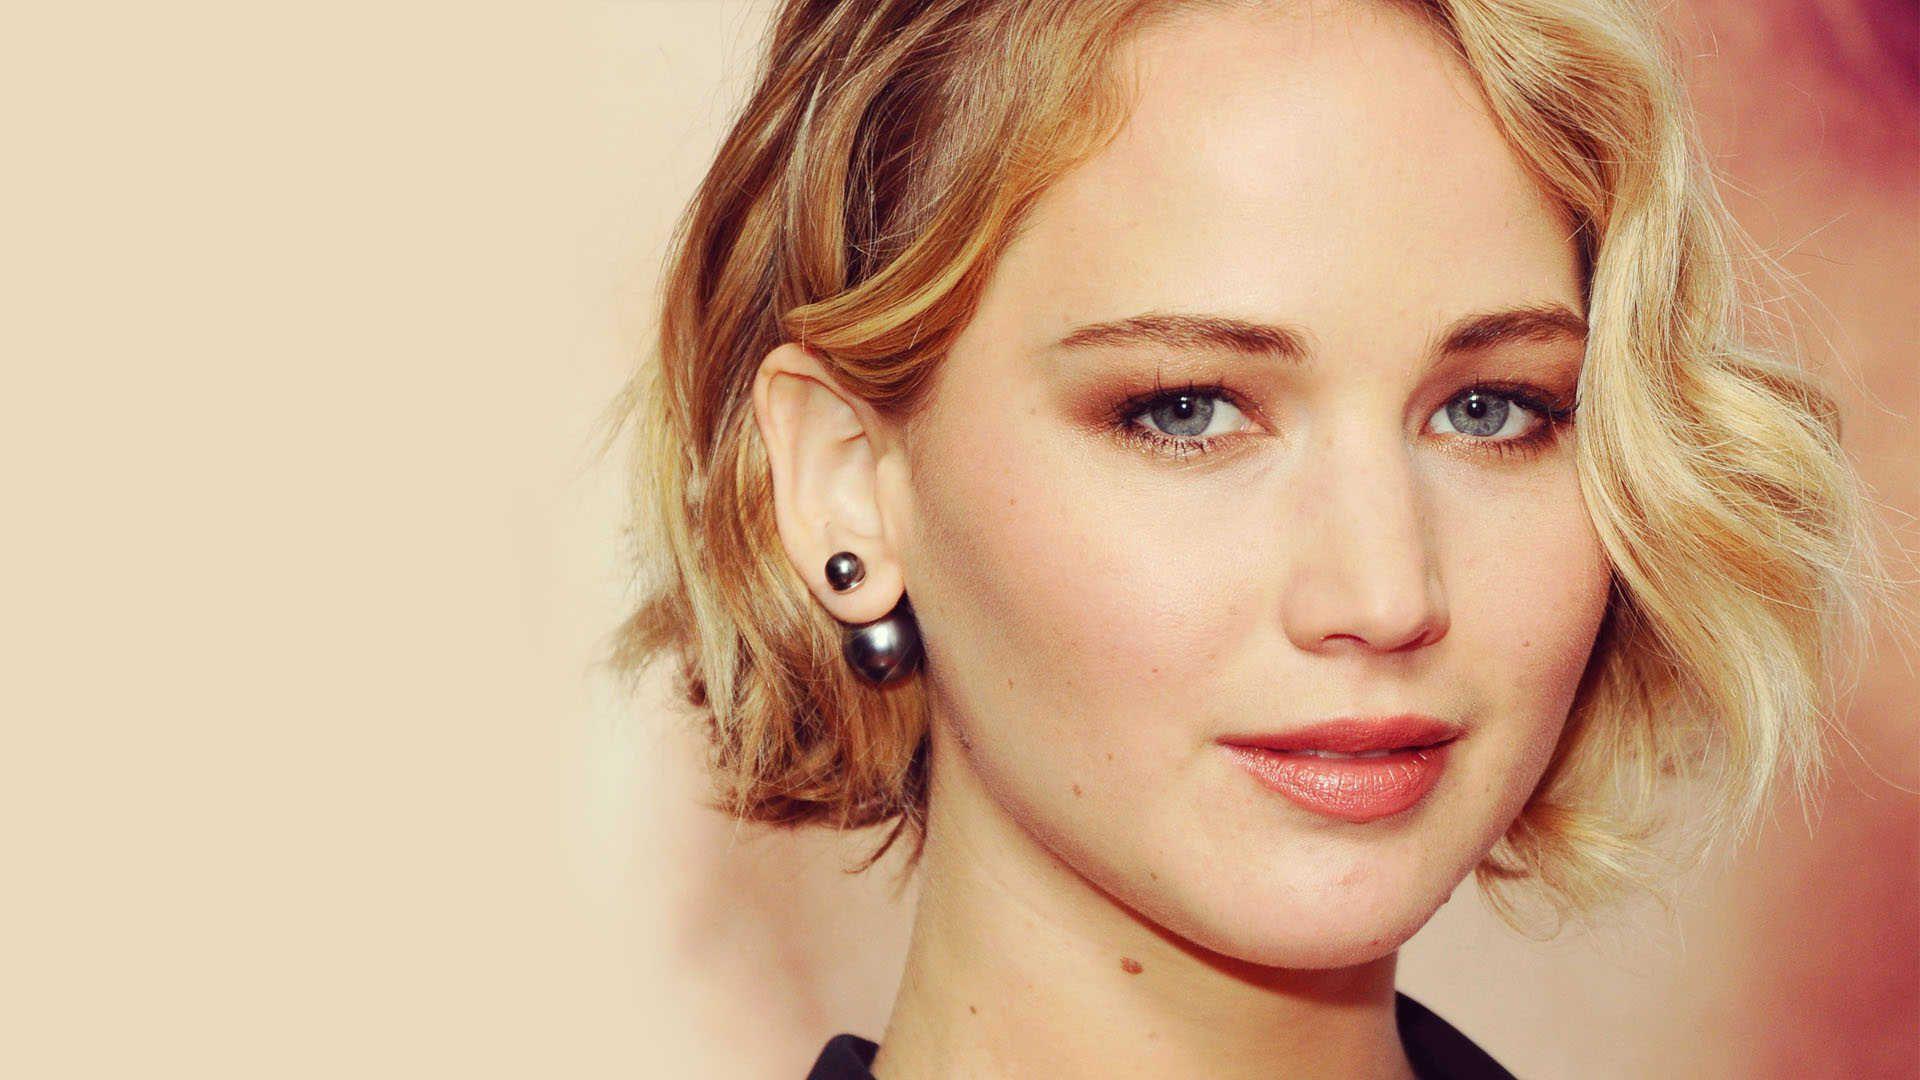 Say đắm ngắm nhìn 9 khuôn mặt đẹp nhất thế giới